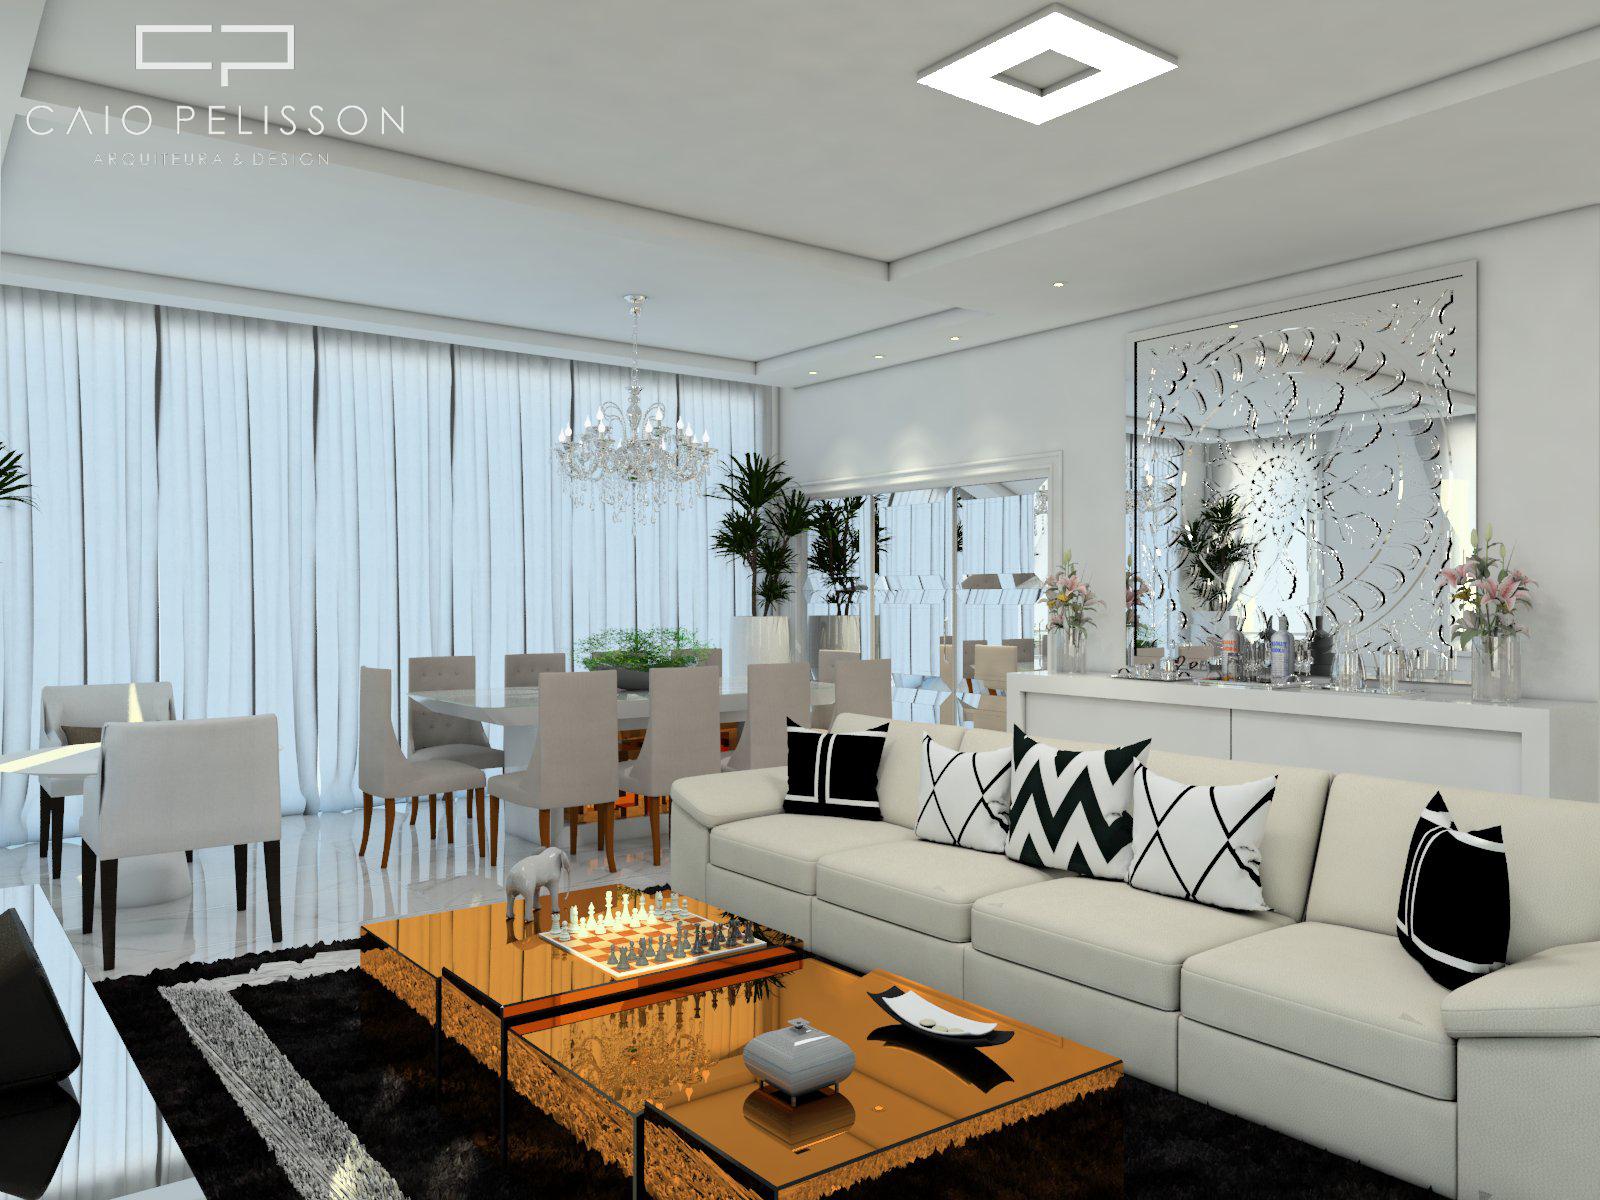 Projeto design interiores decora o sala lving estilo for Estilo moderno interiores